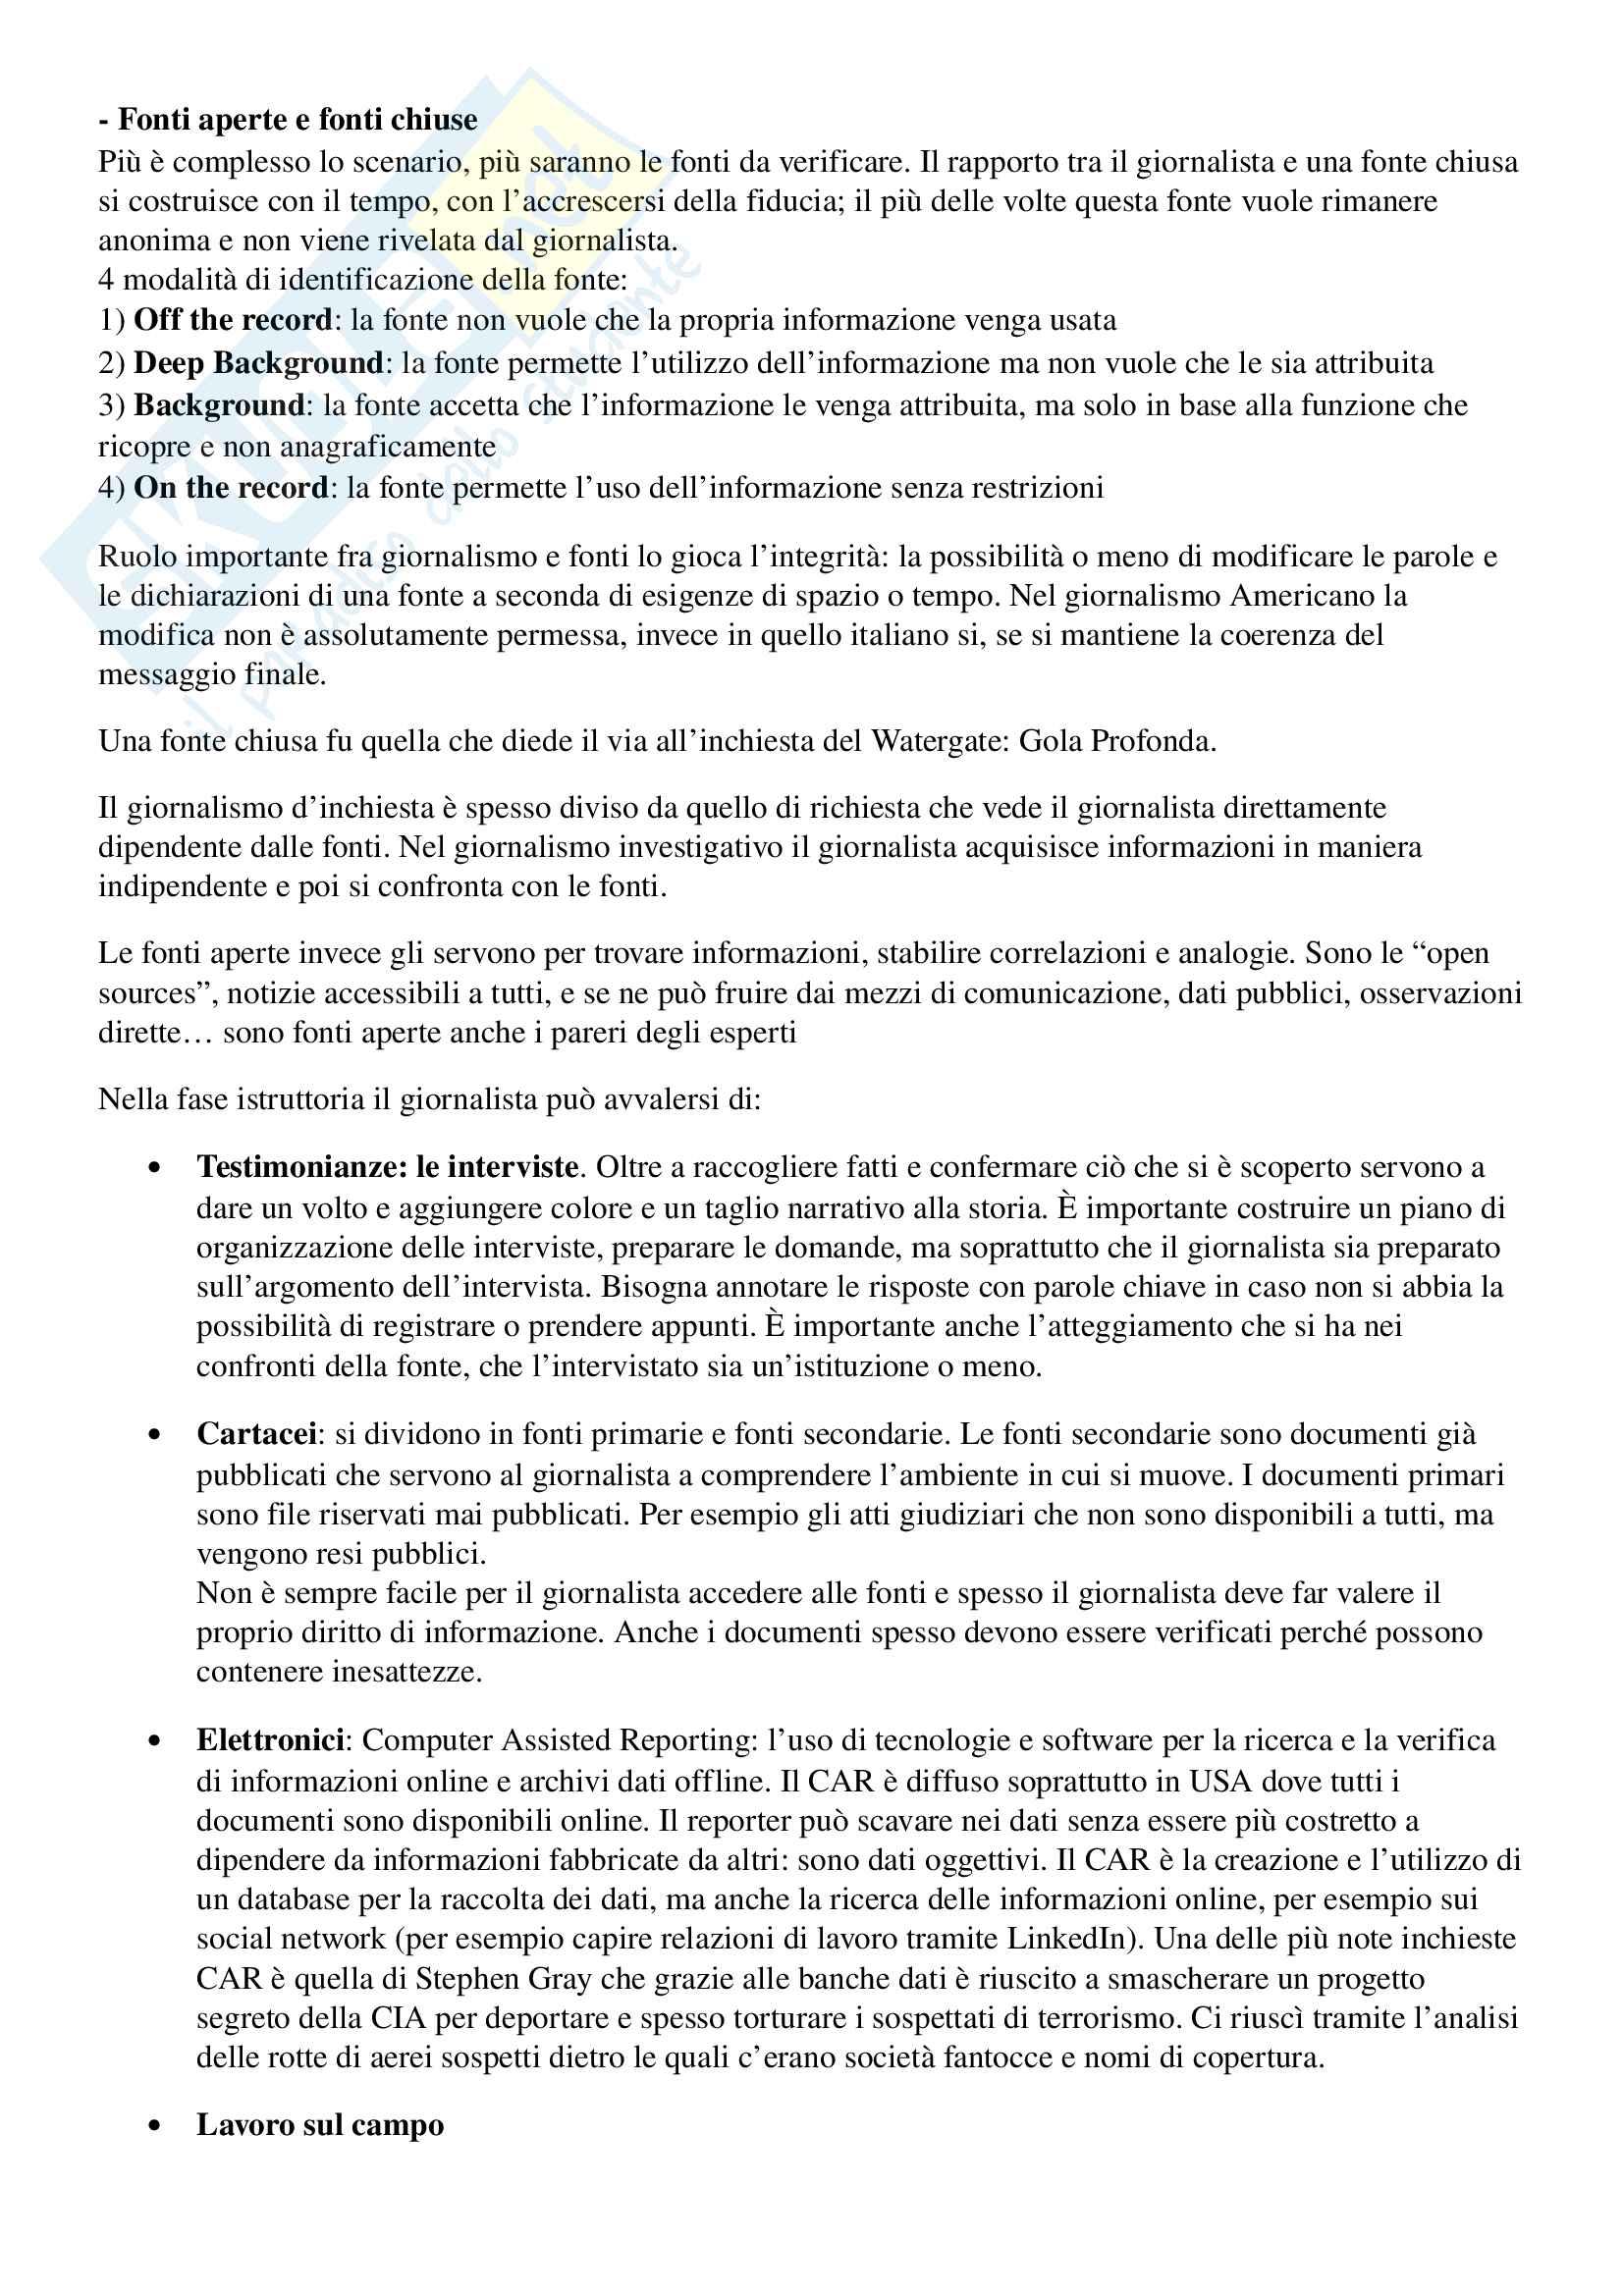 Appunti esame di Storia del Giornalismo, prof Ferrari, libro consigliato 'Gioco e Fuorigioco, Massimo Ferrari' Pag. 56